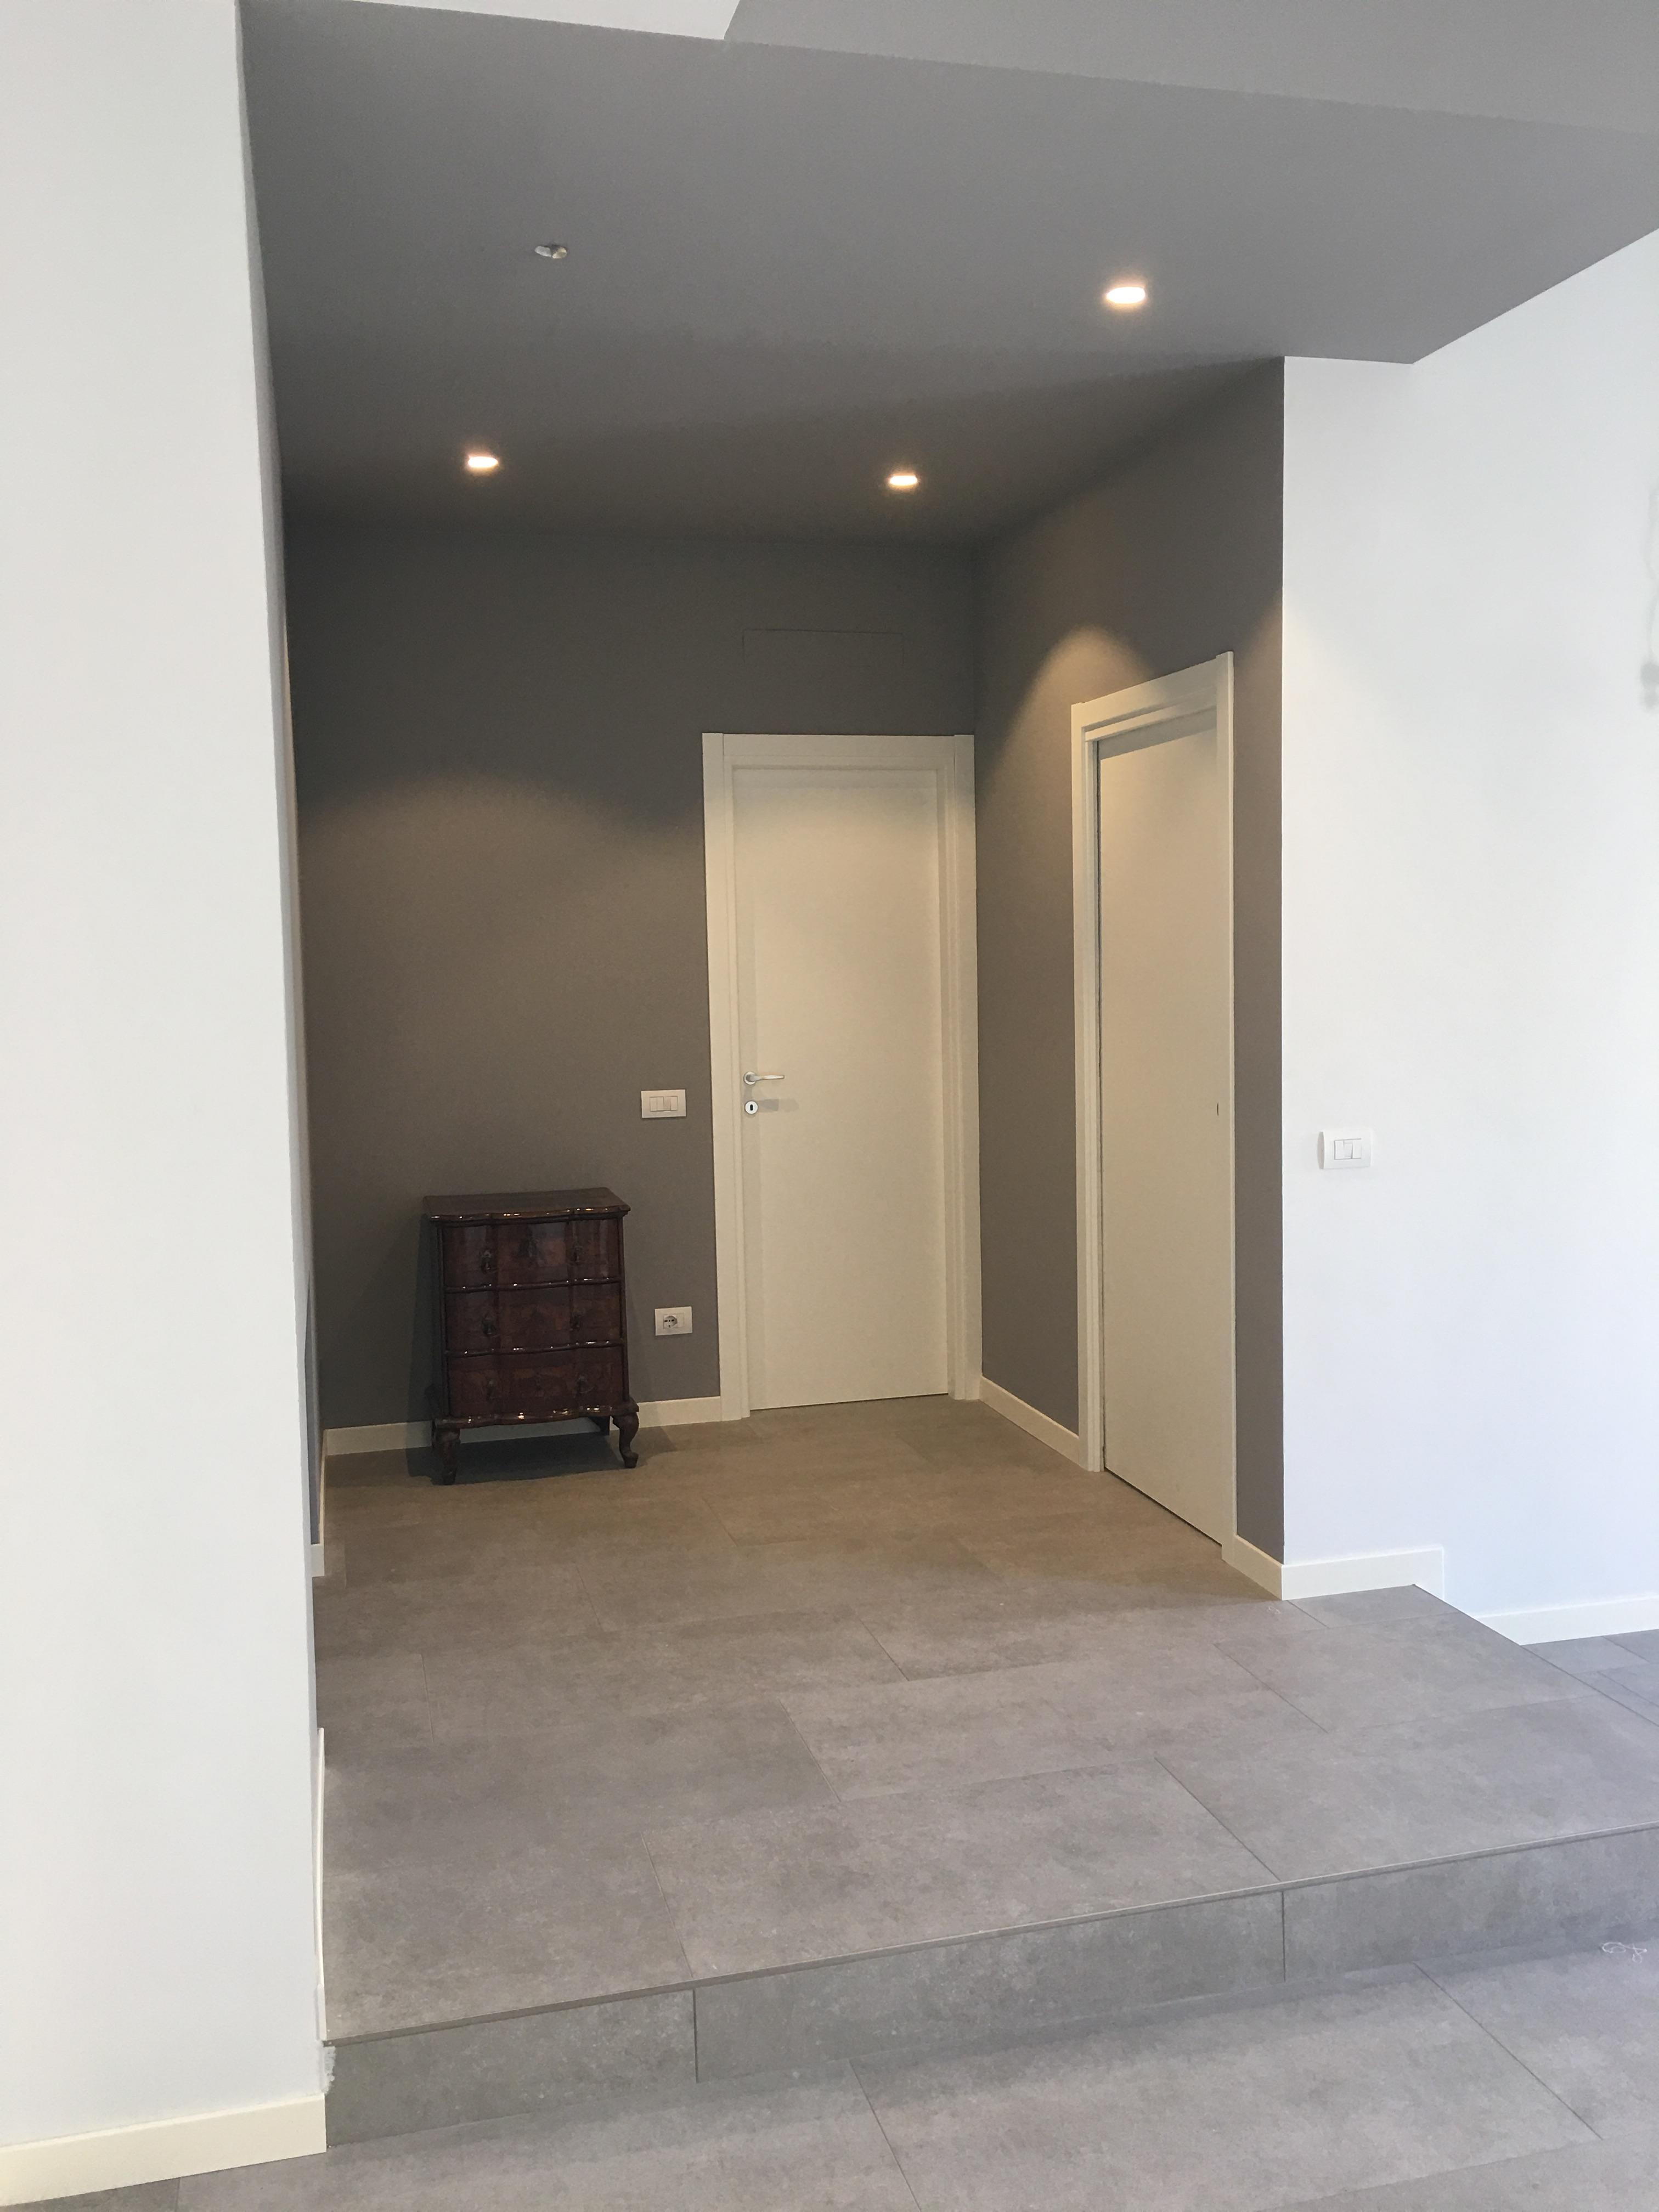 porta vittoria appartamento stupendo ristrutturato milano immobiliare-05.JPG